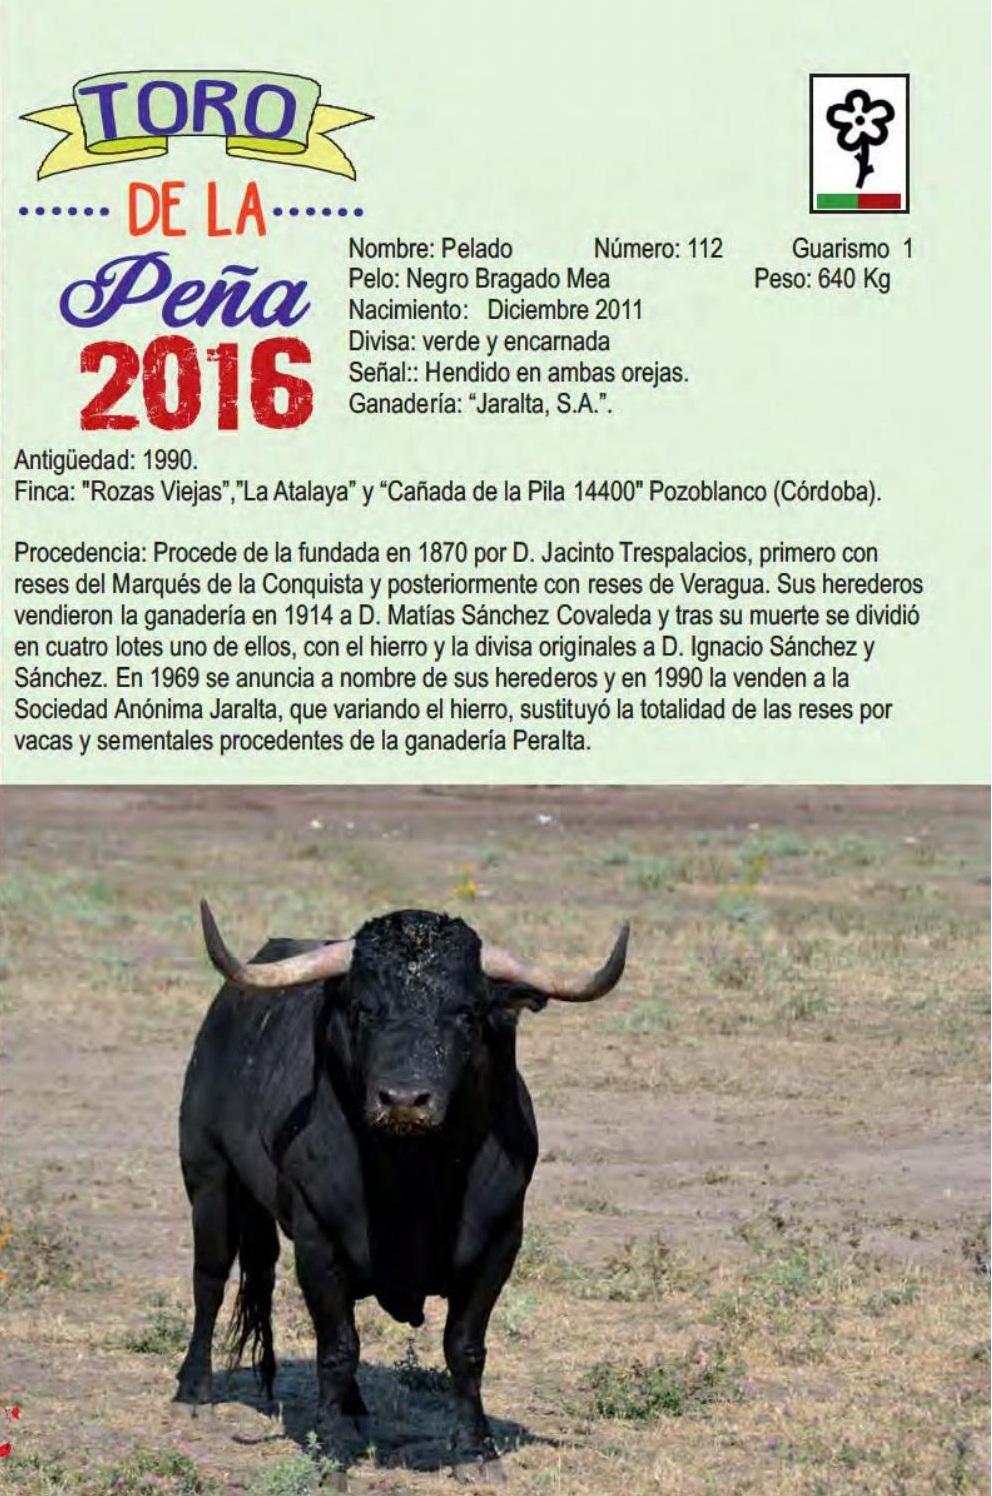 El Toro De La Peña Se Despeña En Tordesillas Contra La Vega Por Ricardo Díaz Manresa Avance Taurino